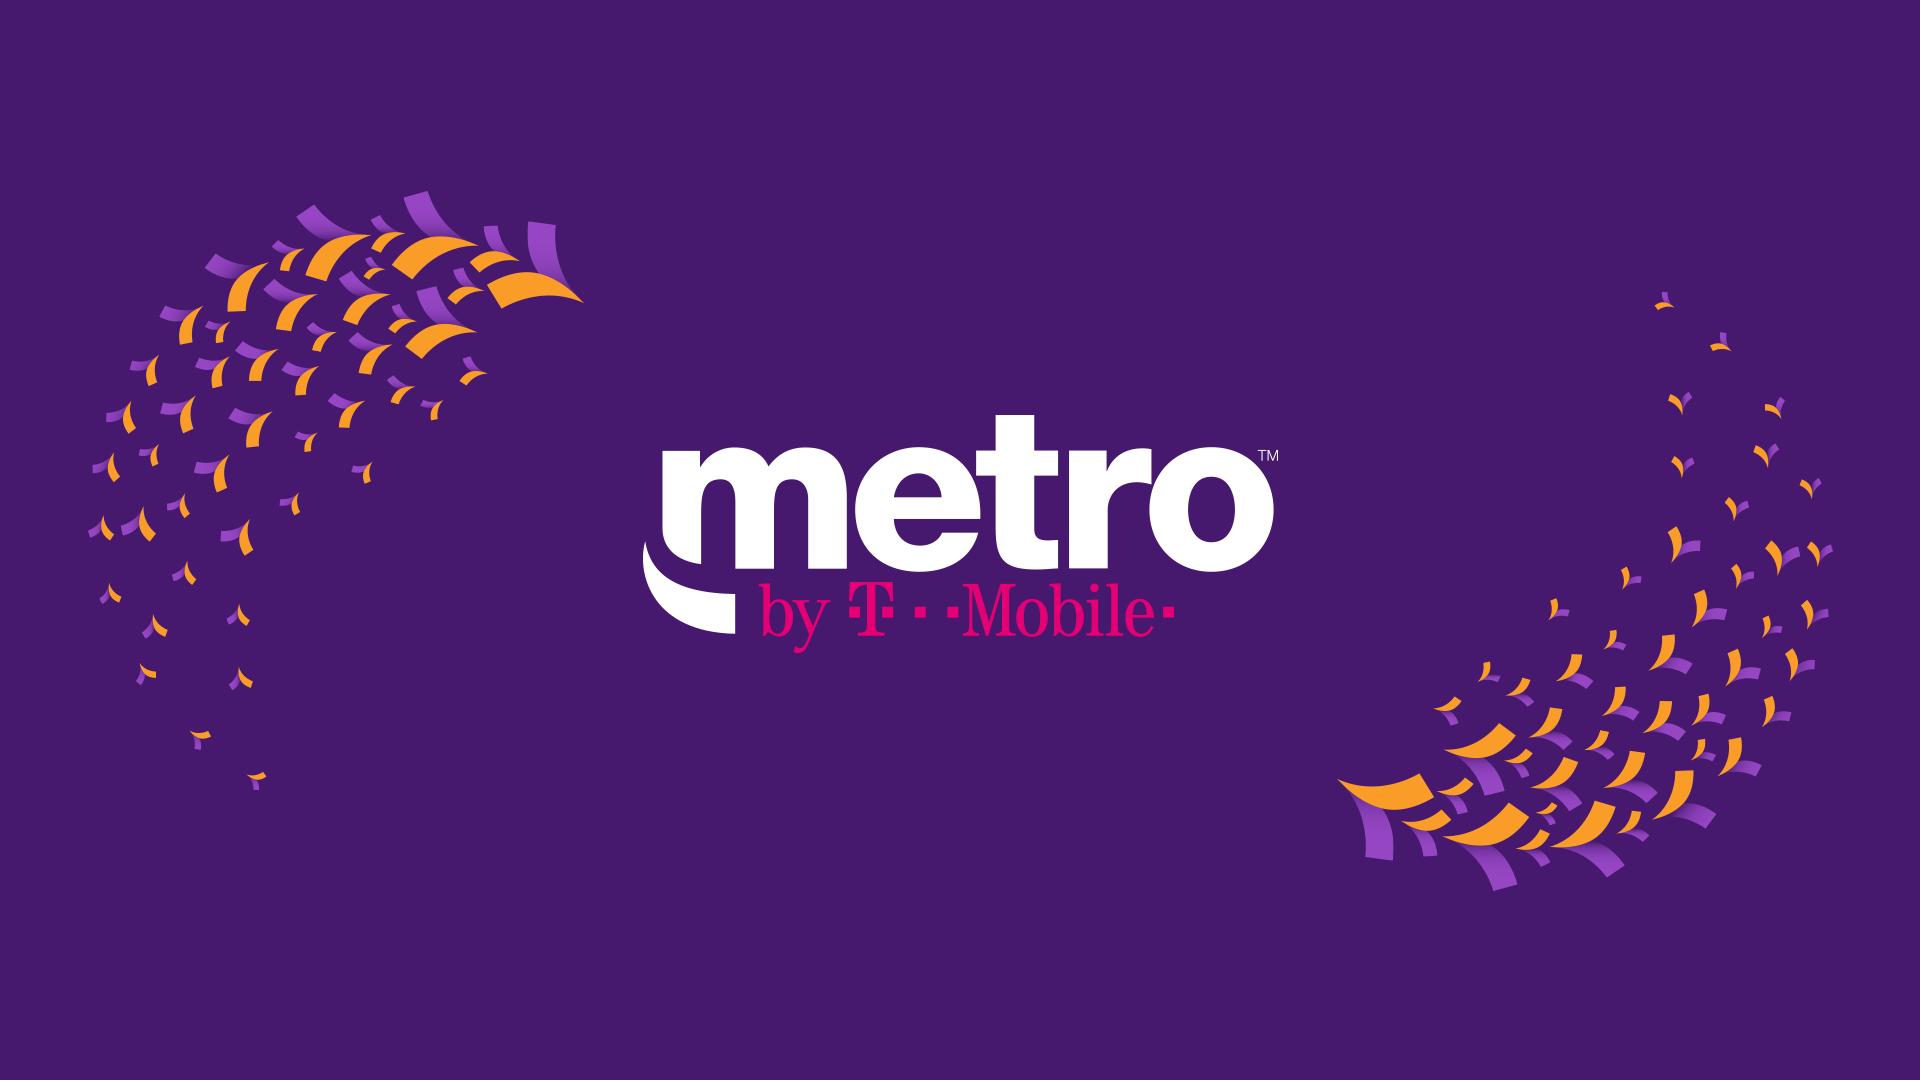 MetroPCS Boise